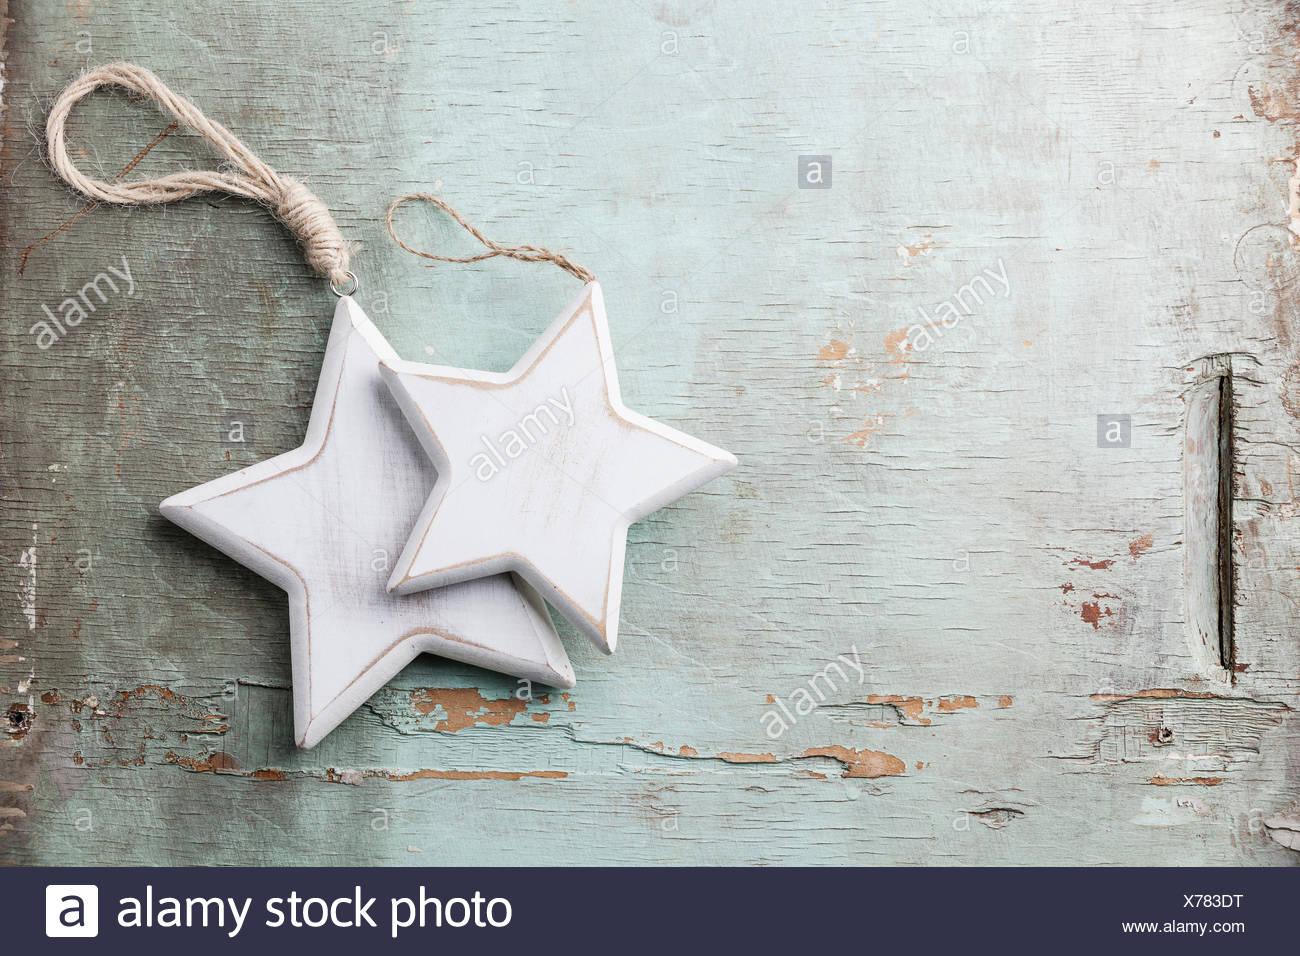 Adornos navideños de madera estrellas sobre fondo de textura azul Imagen De Stock